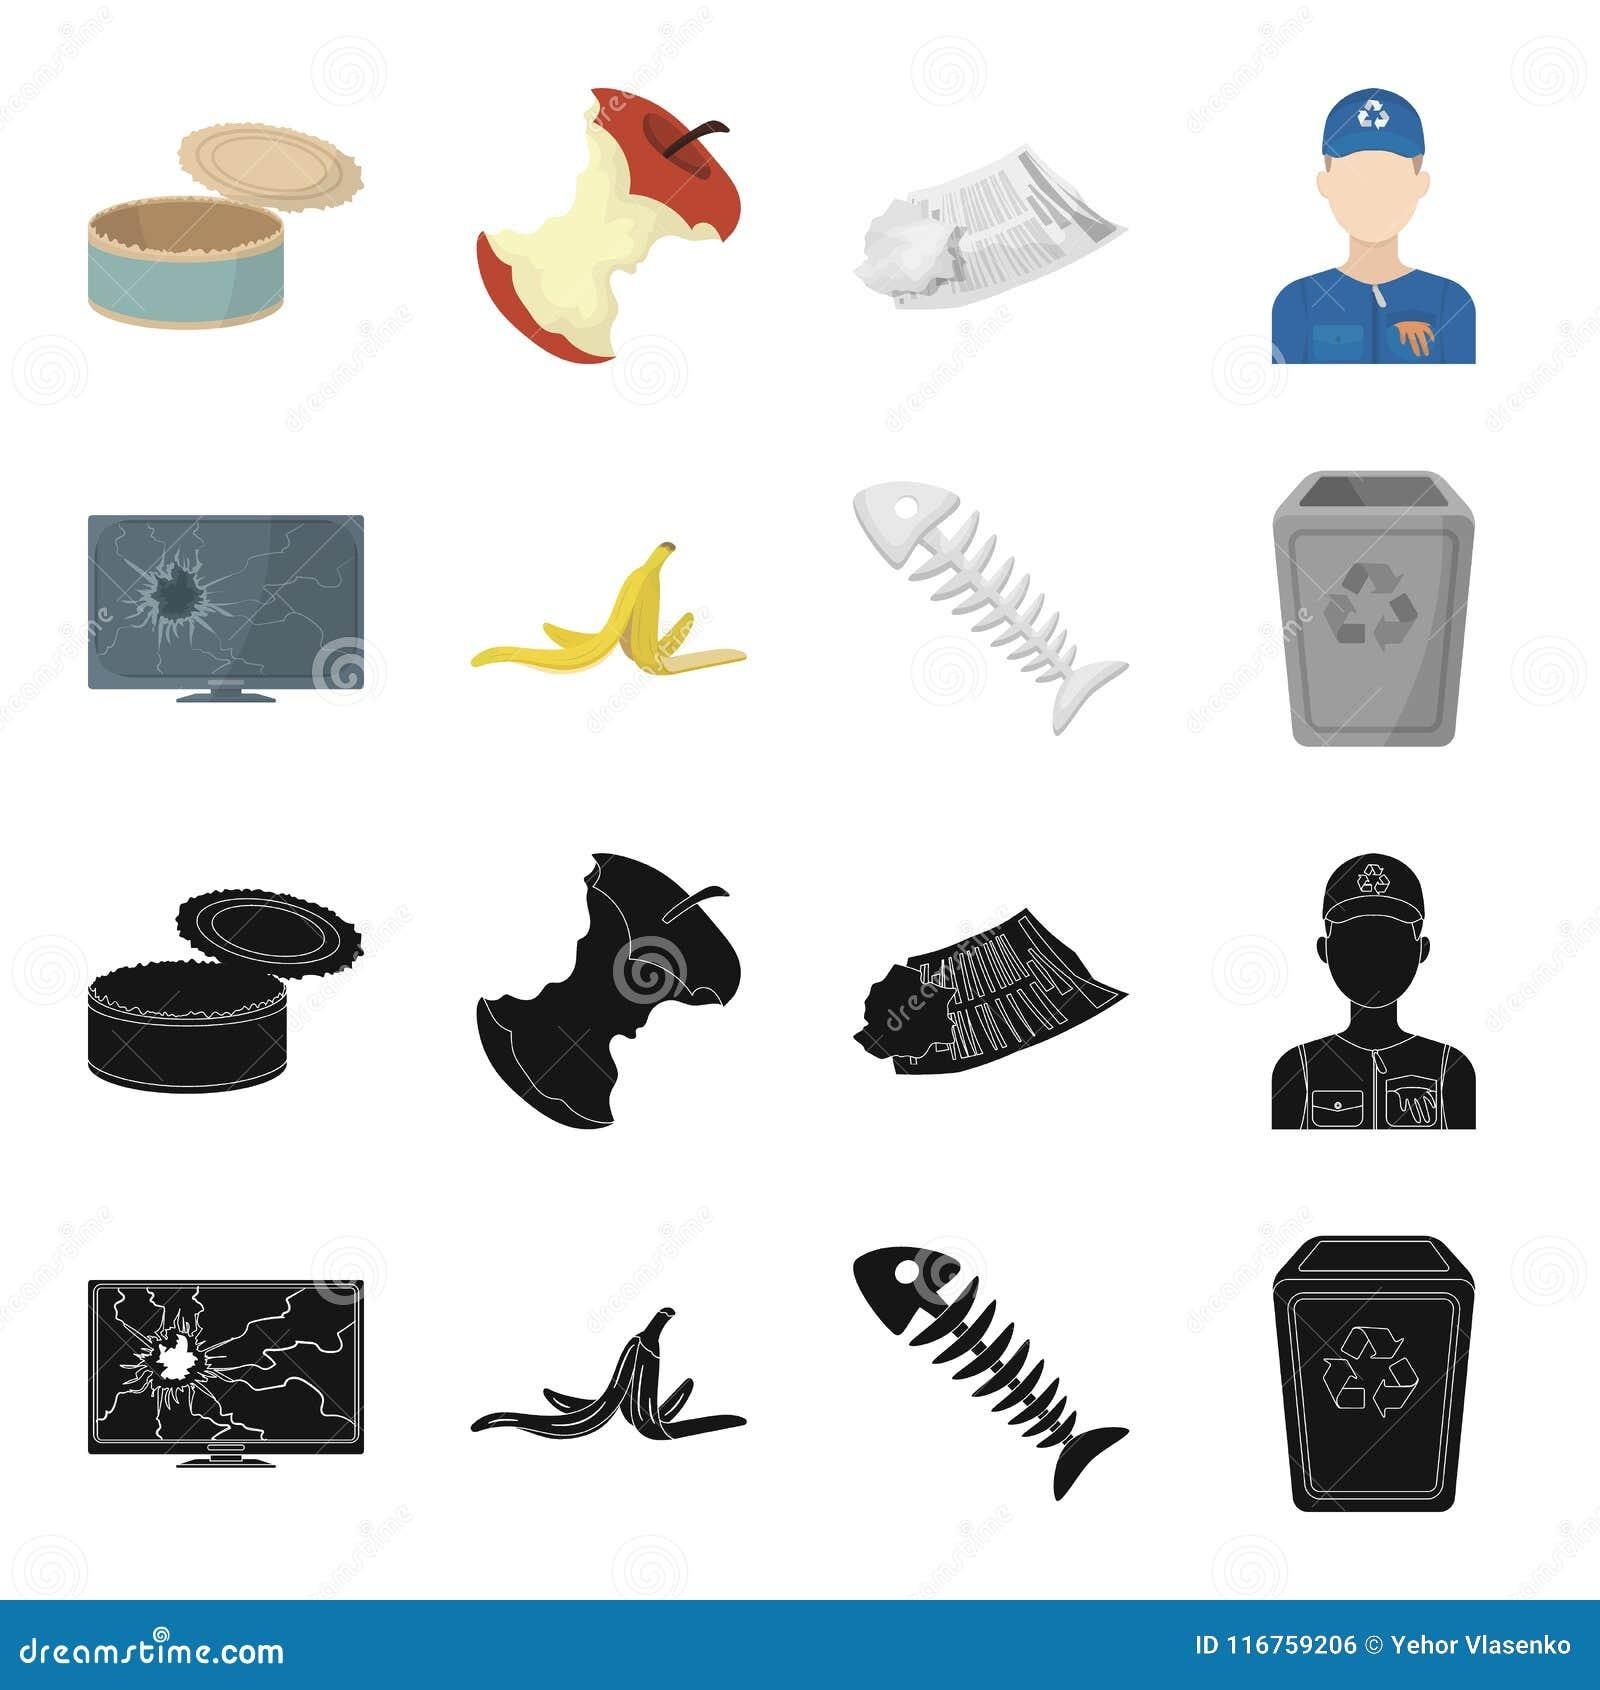 Σπασμένο όργανο ελέγχου TV, φλούδα μπανανών, σκελετός ψαριών, δοχείο απορριμάτων Καθορισμένα εικονίδια συλλογής απορριμάτων και α